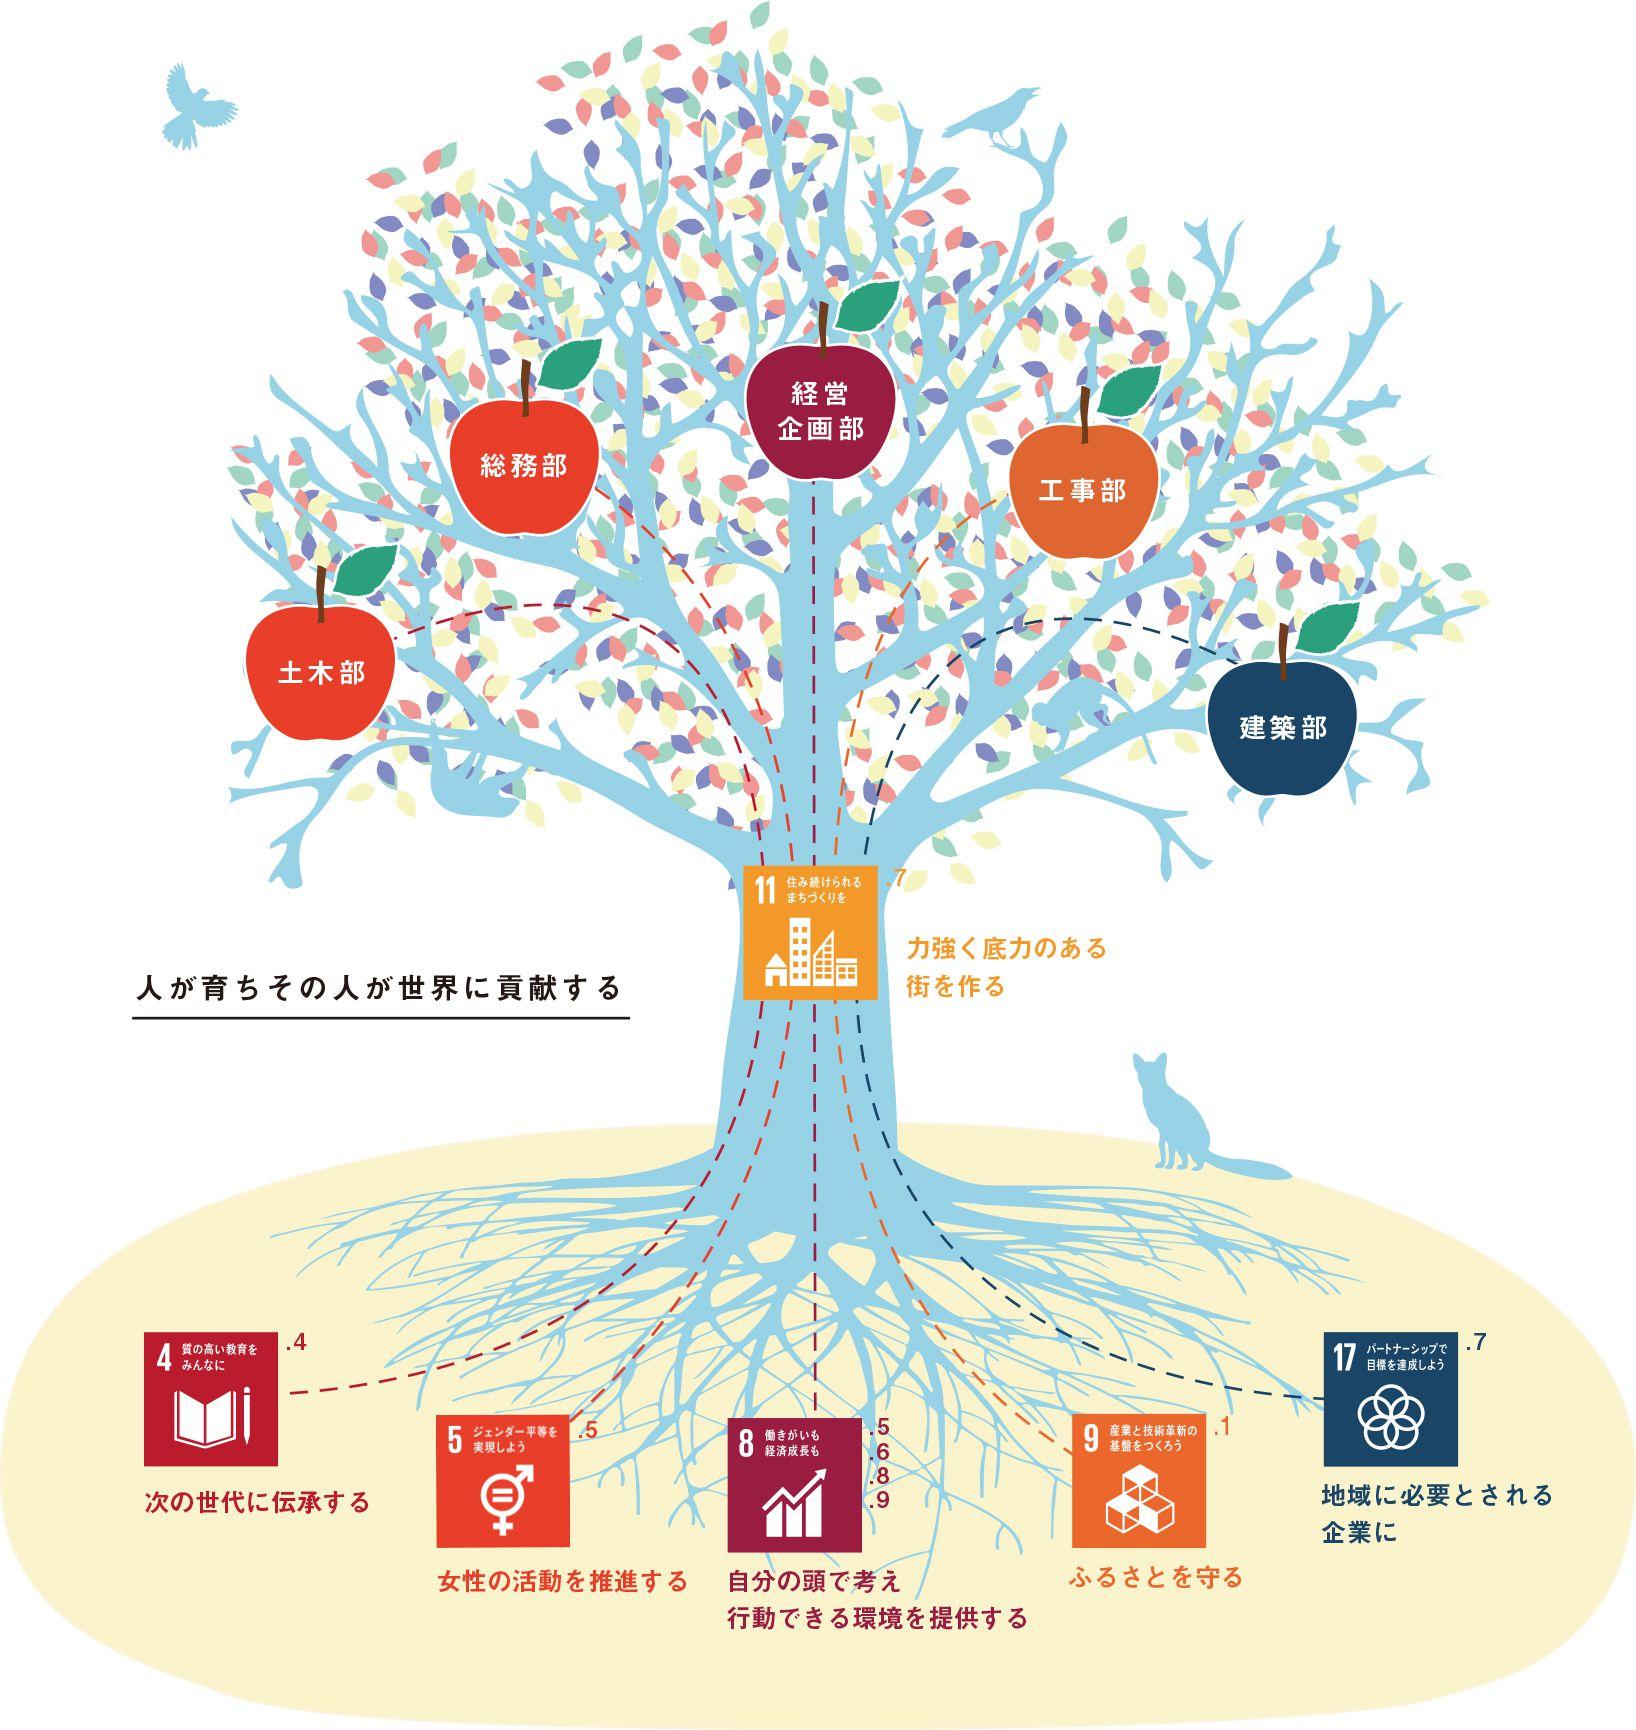 SDGツリーという発想